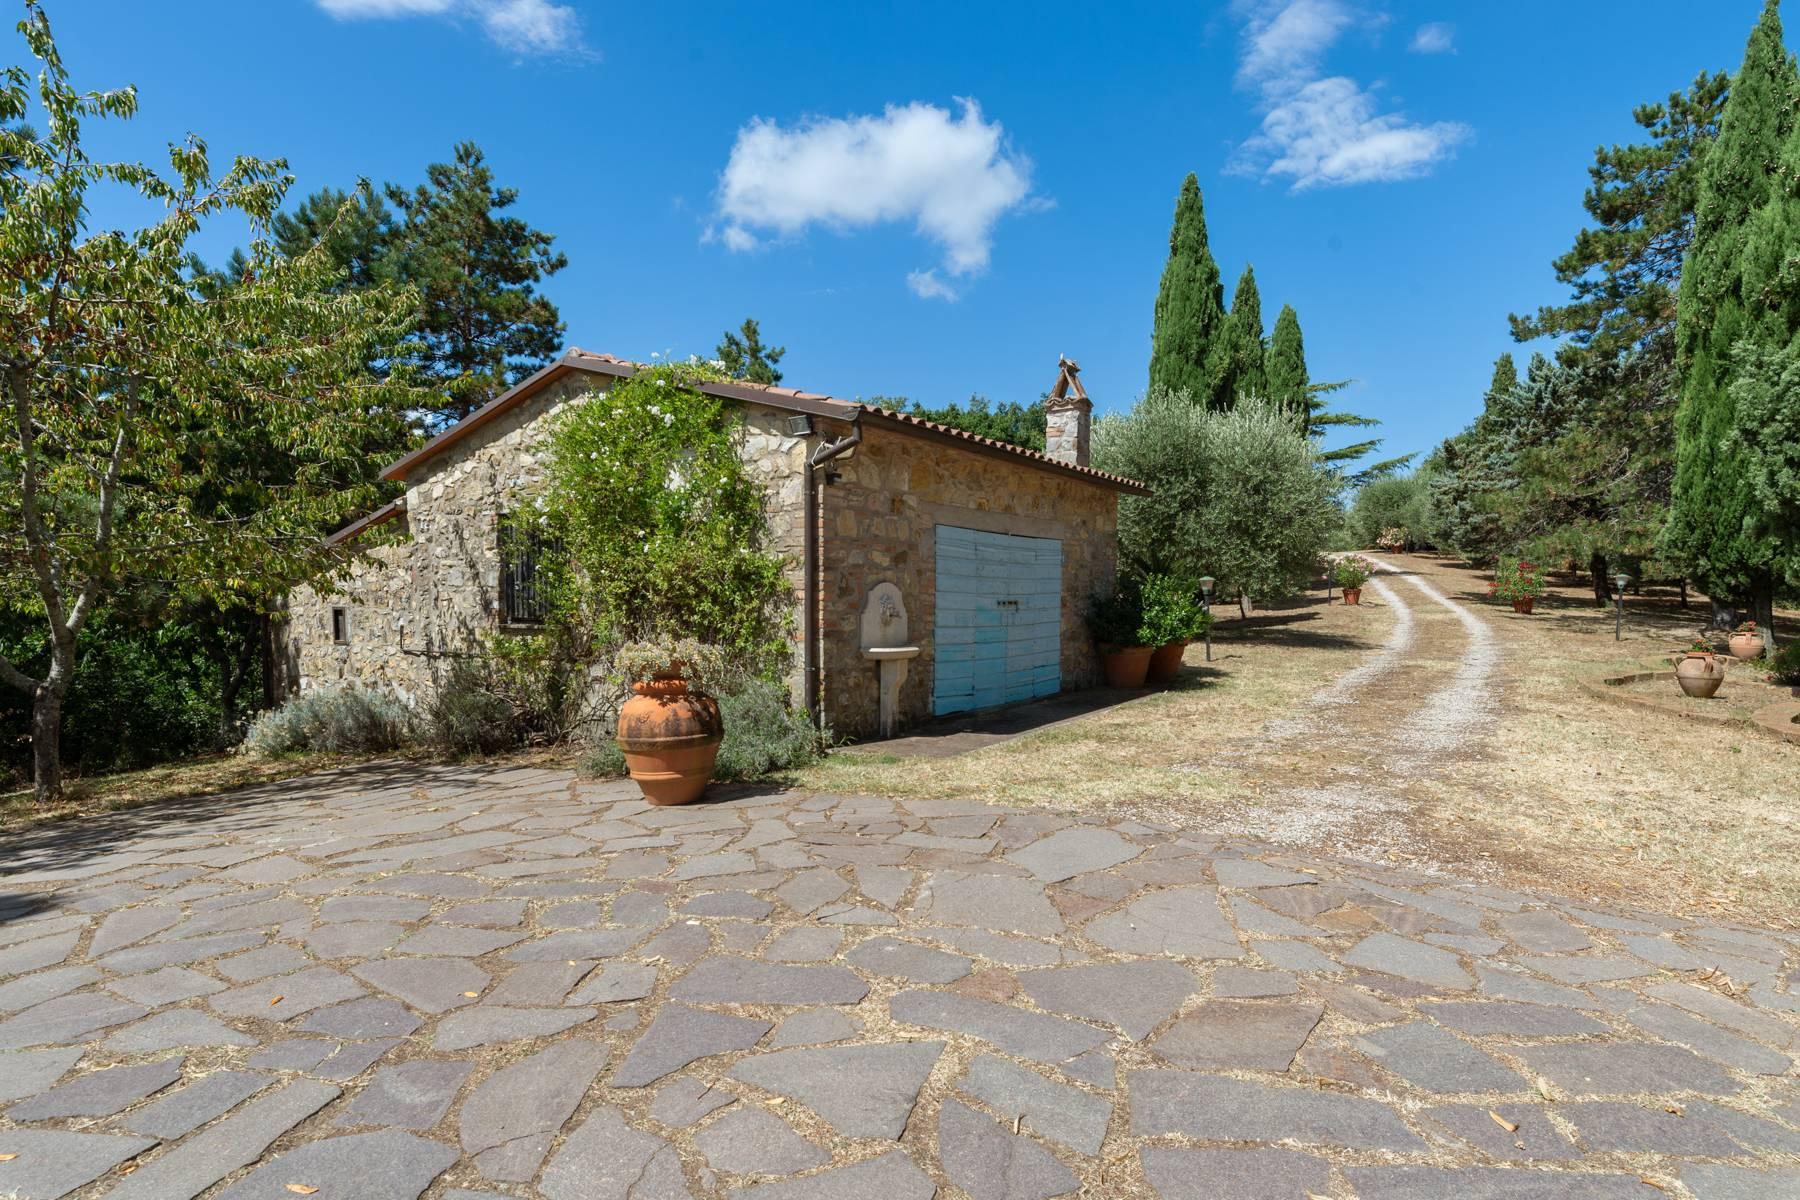 Rustico in Vendita a Orvieto: 5 locali, 484 mq - Foto 20